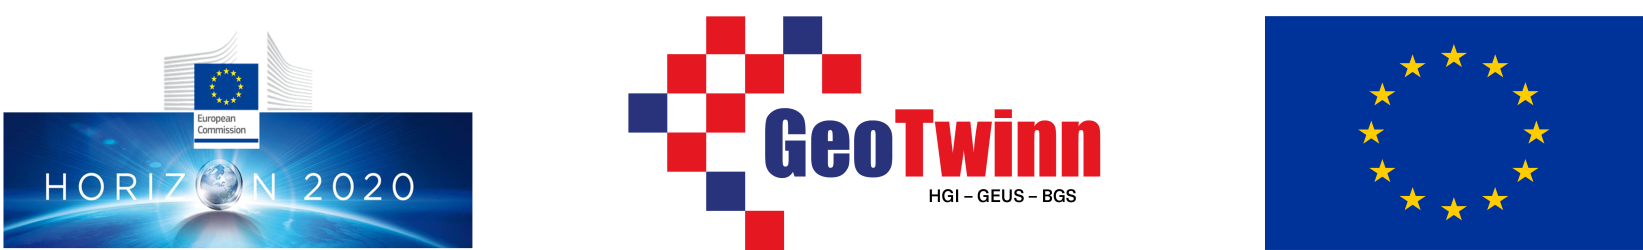 GeoTwinn